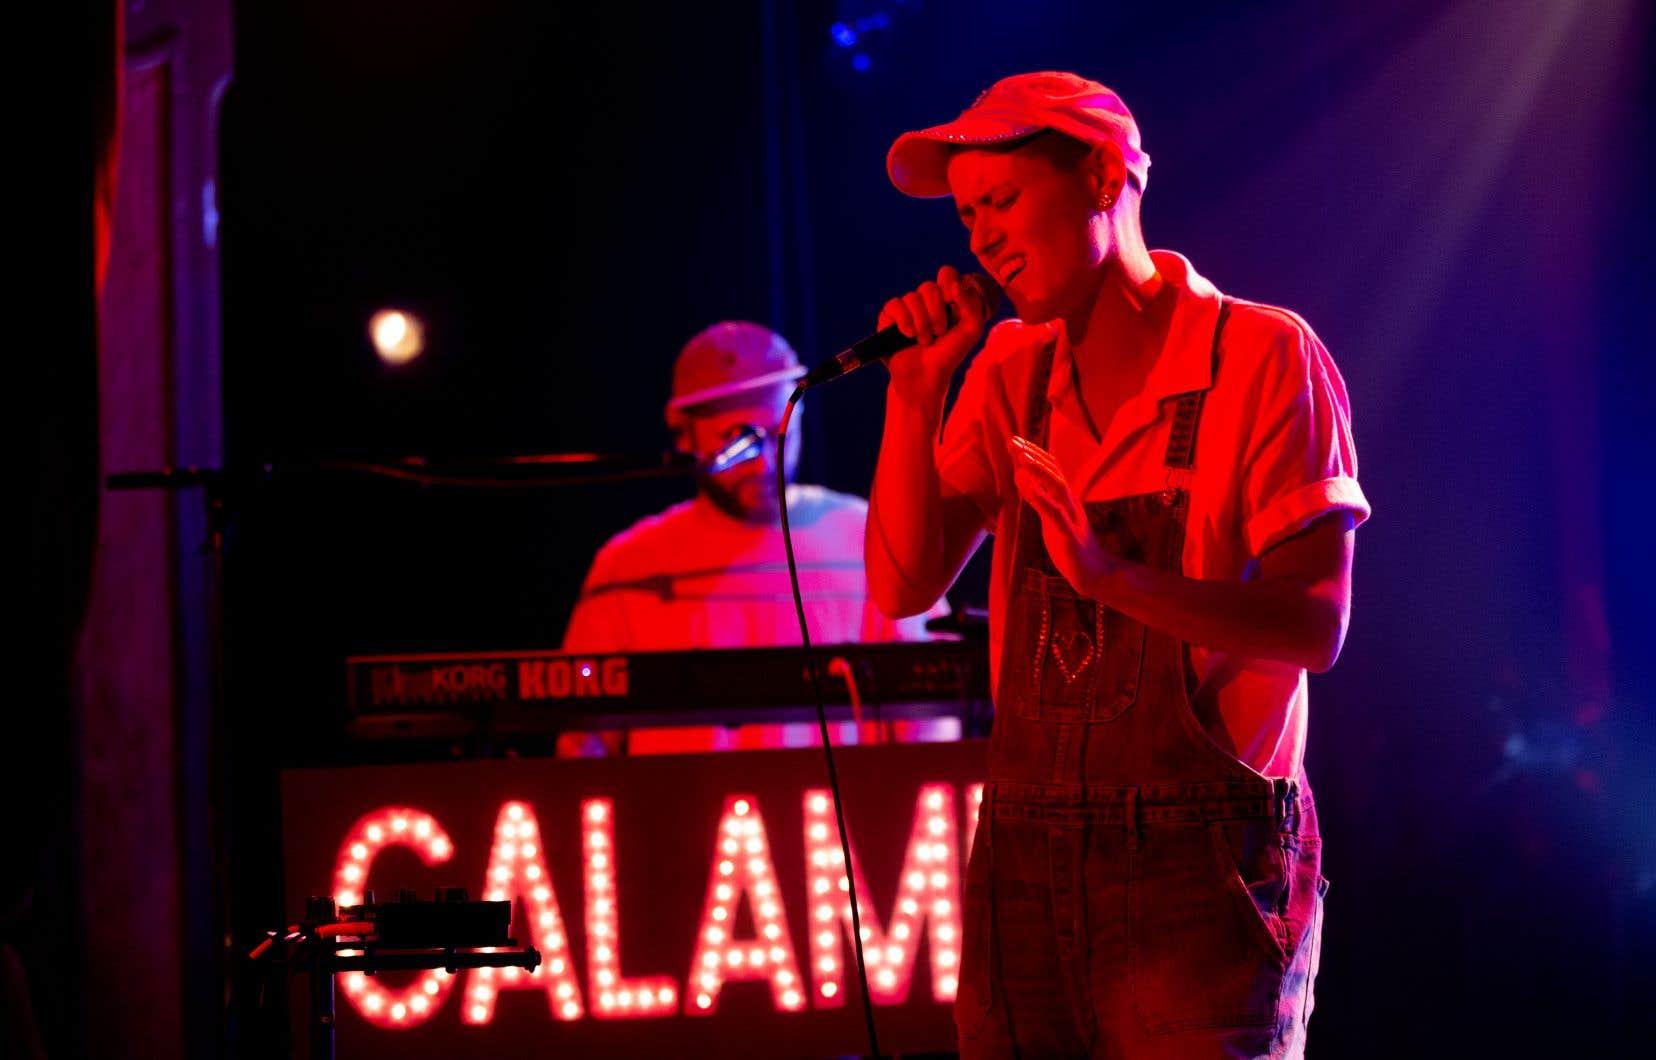 Calamine a encore épaté la galerie avec sa plume pertinente, son verbe allègre et son aisance sur scène.